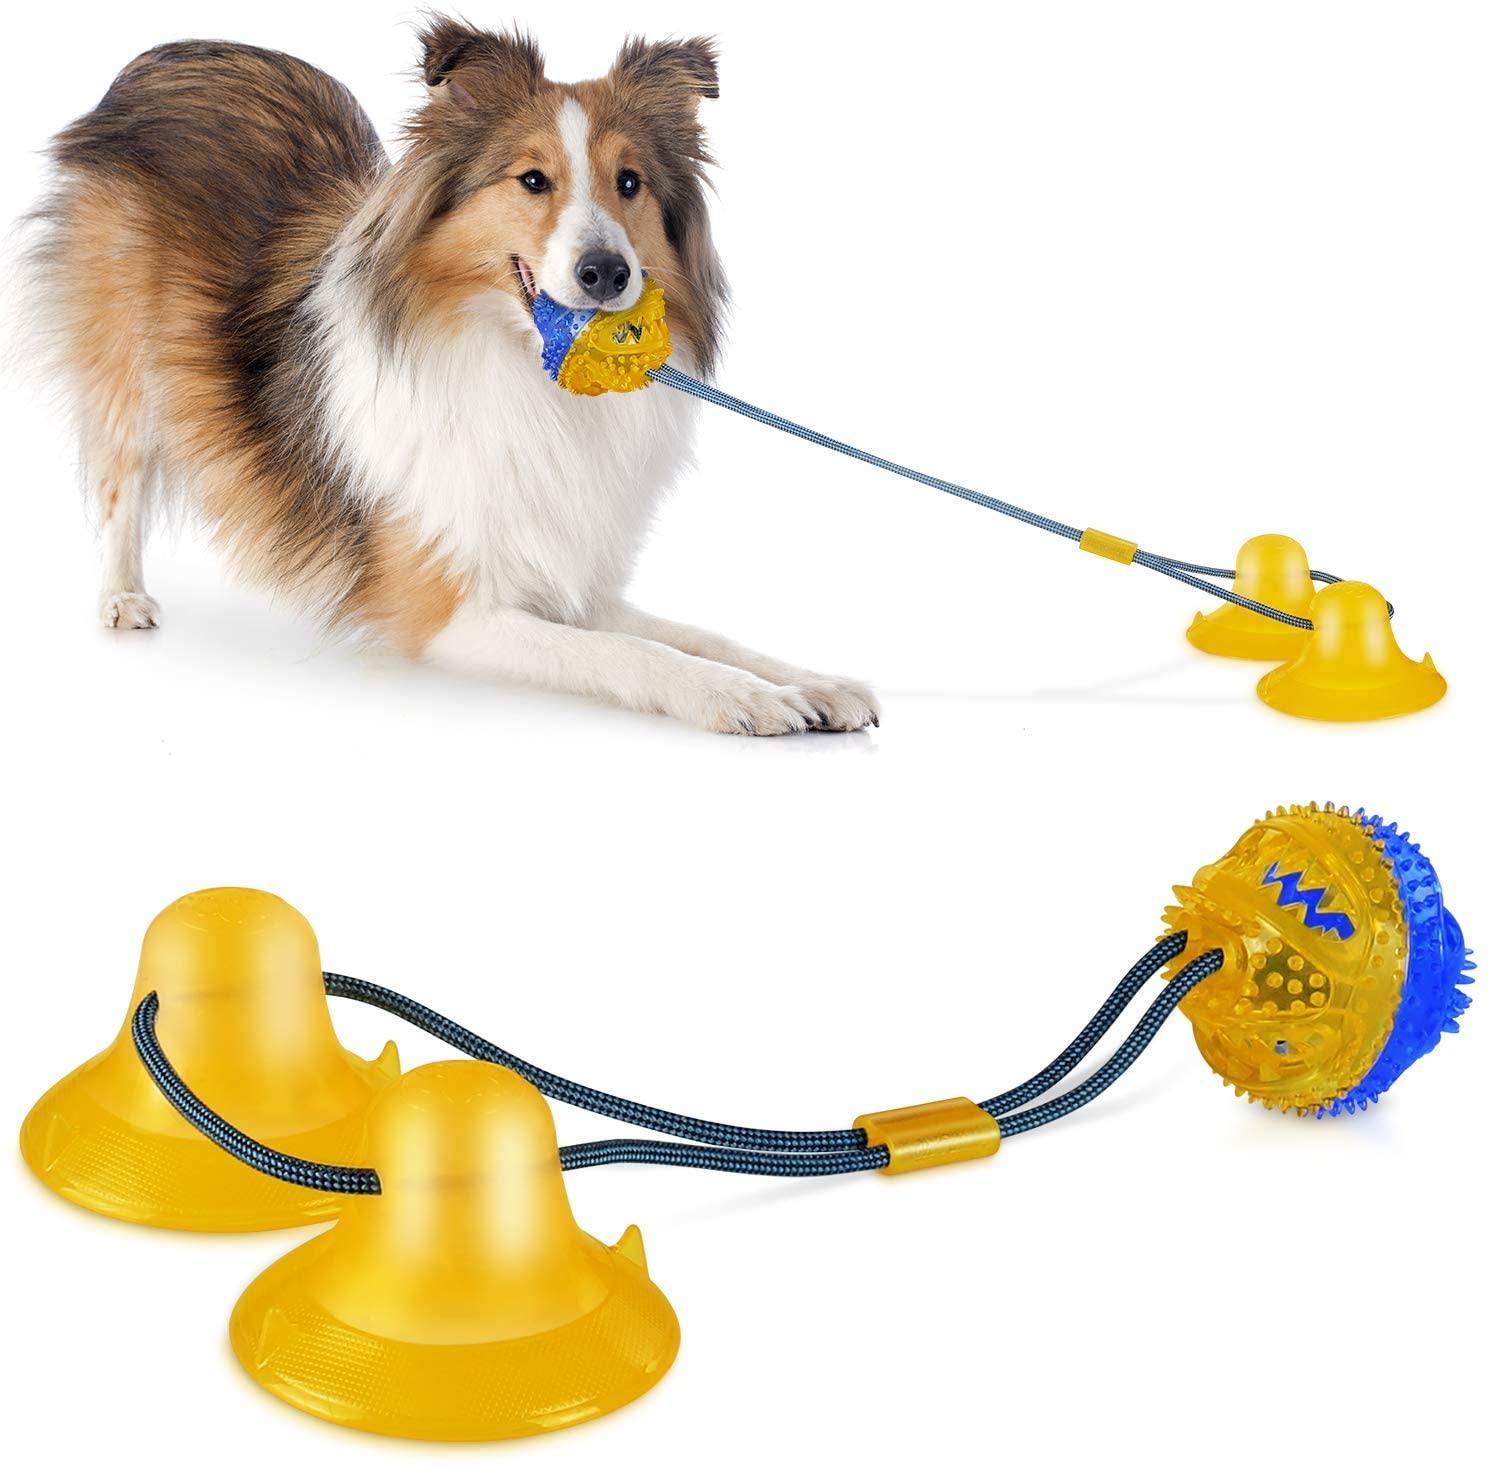 Duplo Ventosa Toy Dog atualizado design e filhote de cachorro Interativo Materiais Chew Brinquedos para Pequenas e Médias Cães da esfera do cão